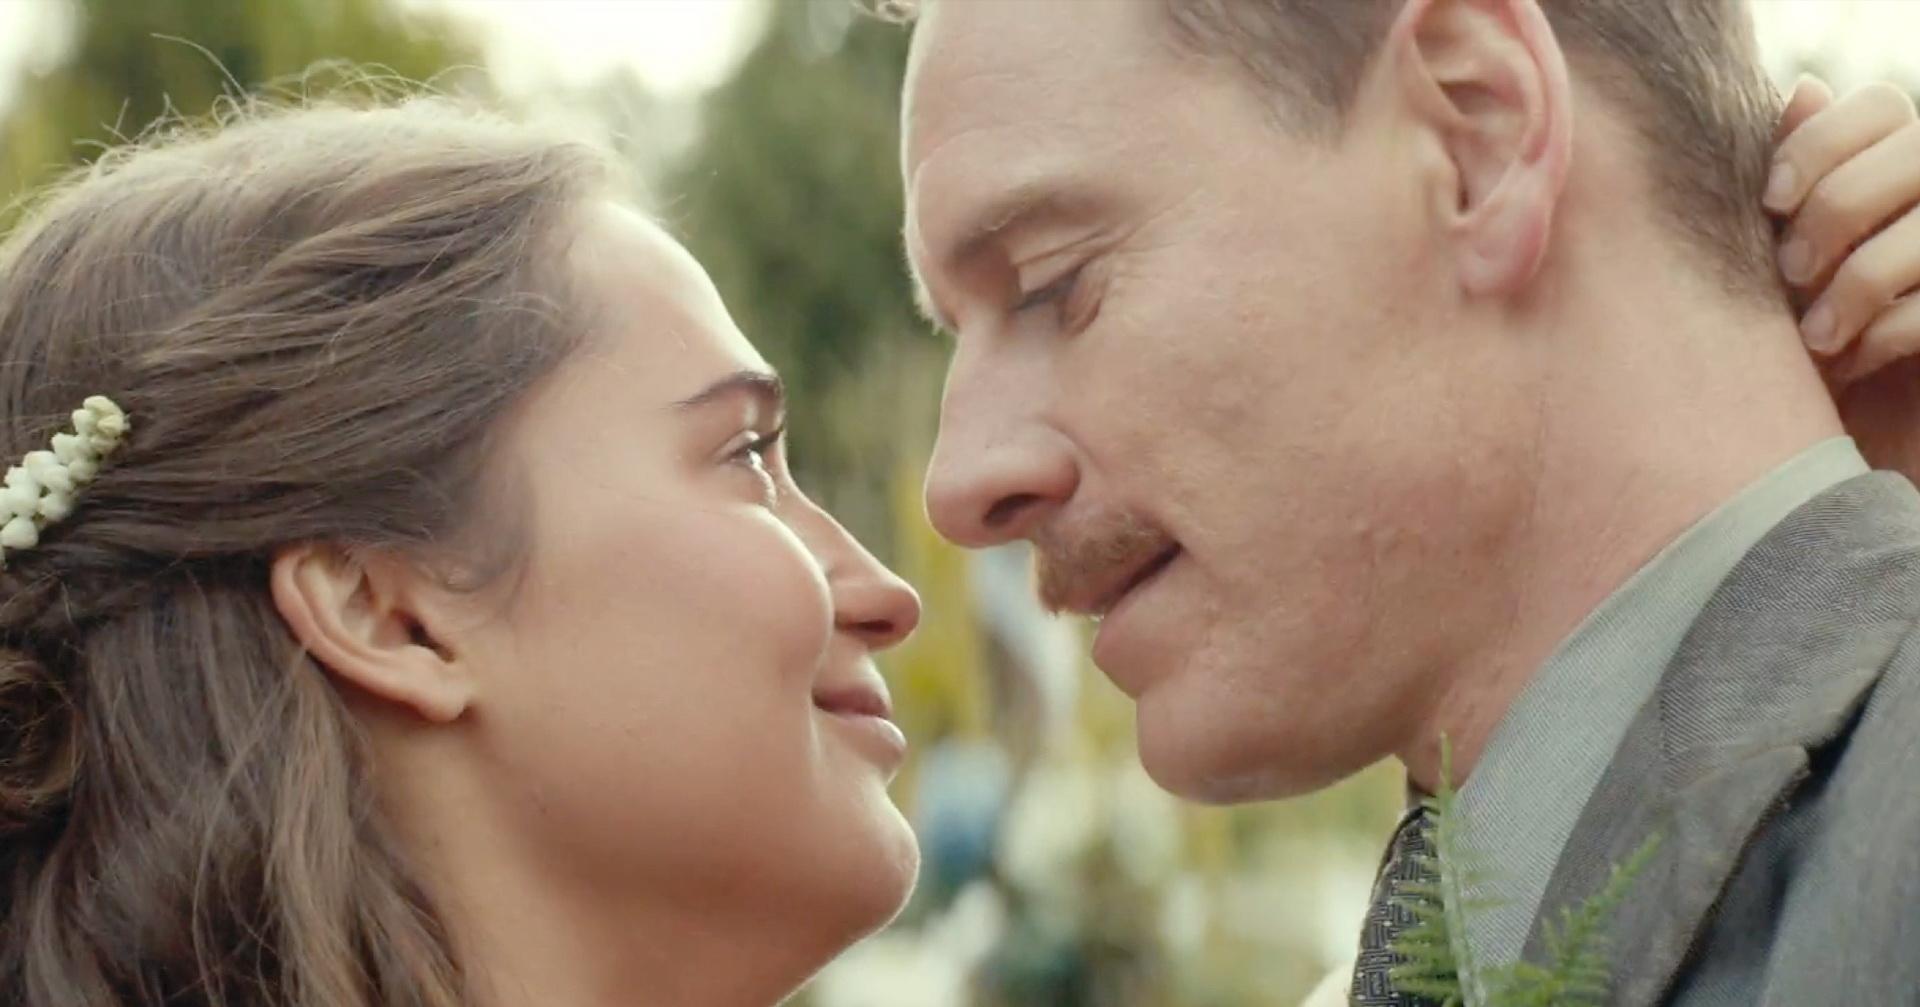 La luce sugli oceani diDerek Cianfrance, interpretato da Michael Fassbender e Alicia Vikander è un drammone in costume che arriva a livelli di tragicità assoluta, un macigno difficile da digerire. […]